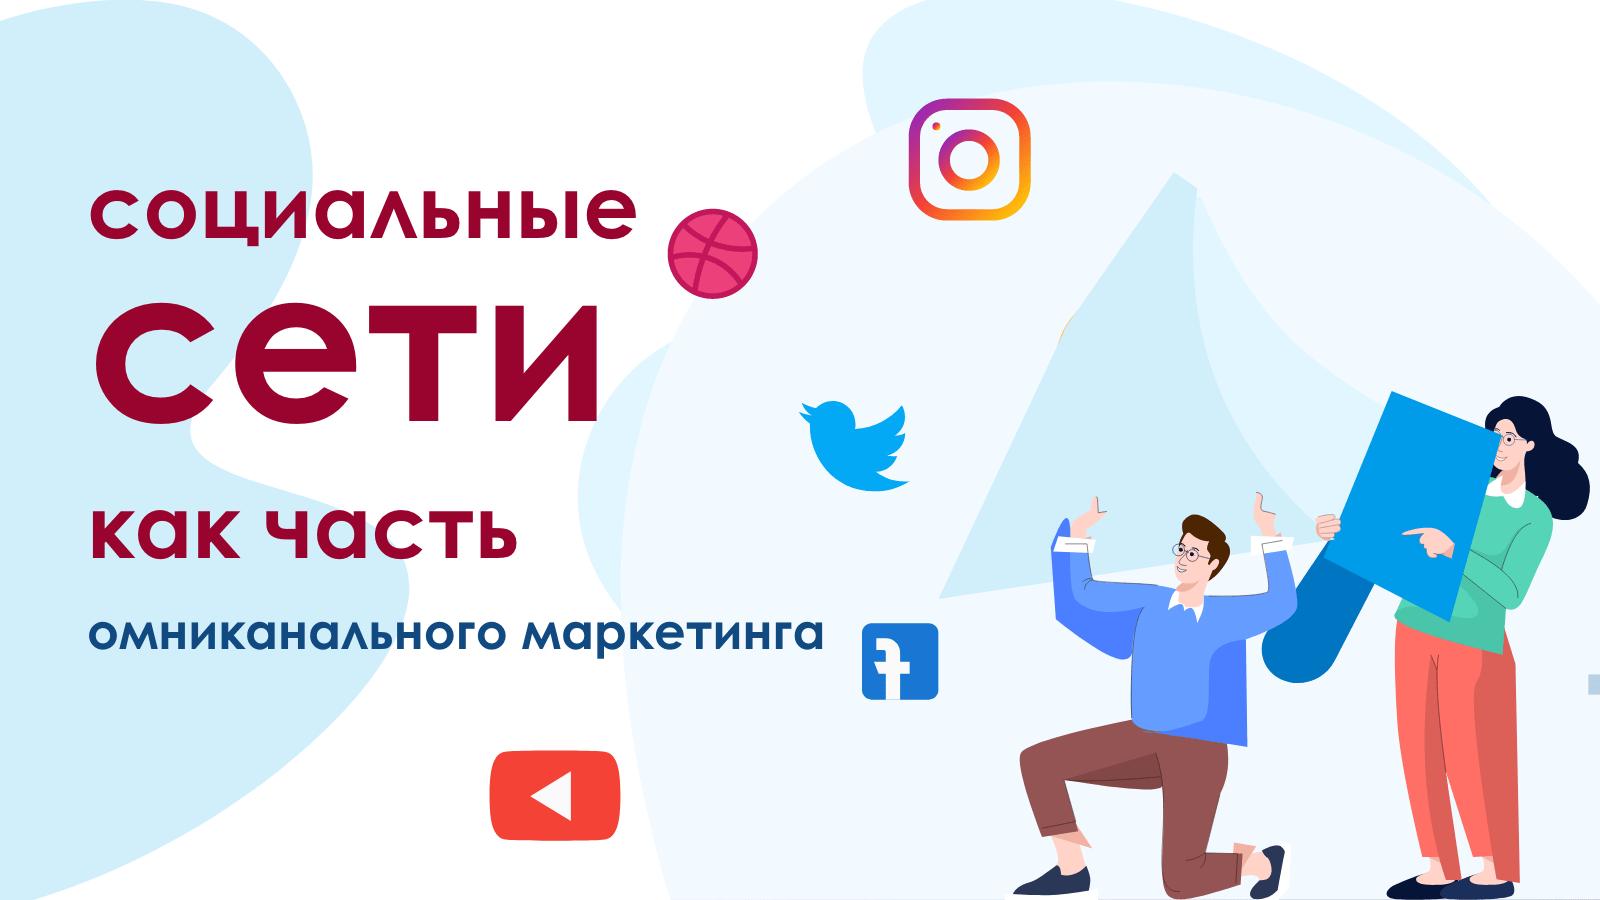 Социальные сети как часть омниканального маркетинга